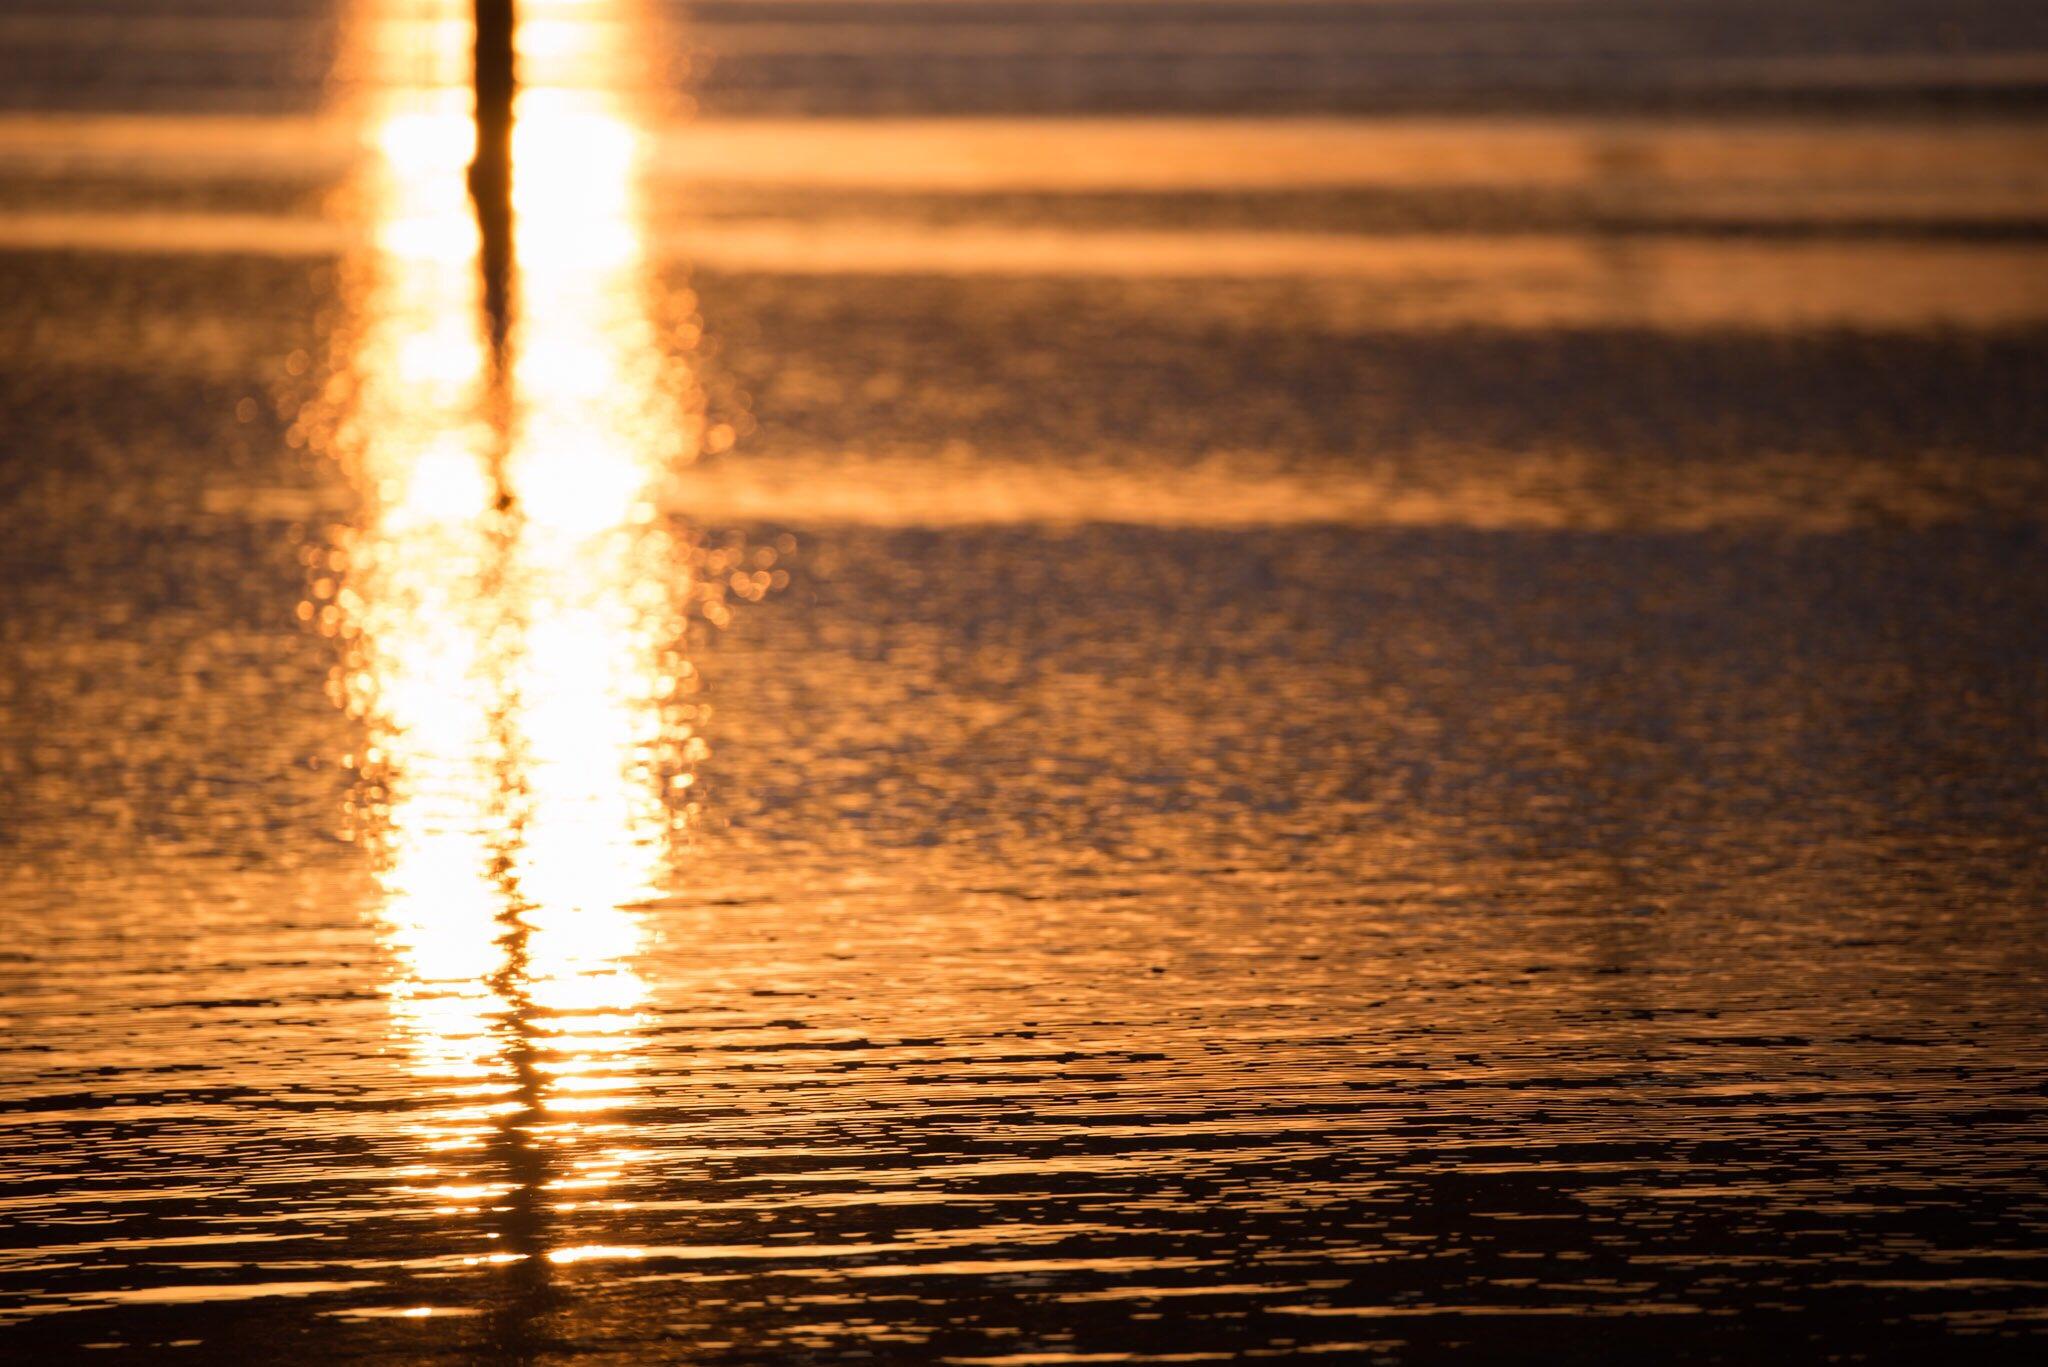 Split Sunrise  今朝、起きたときは雲がなかった。撮影場所に着いて準備をしていたら、雲が出てきて空が残念な感じになった。家に戻ってきたら、またきれいに晴れた。そんなわけで、これはいつかの日の出。 https://t.co/A59Mbl35Vt